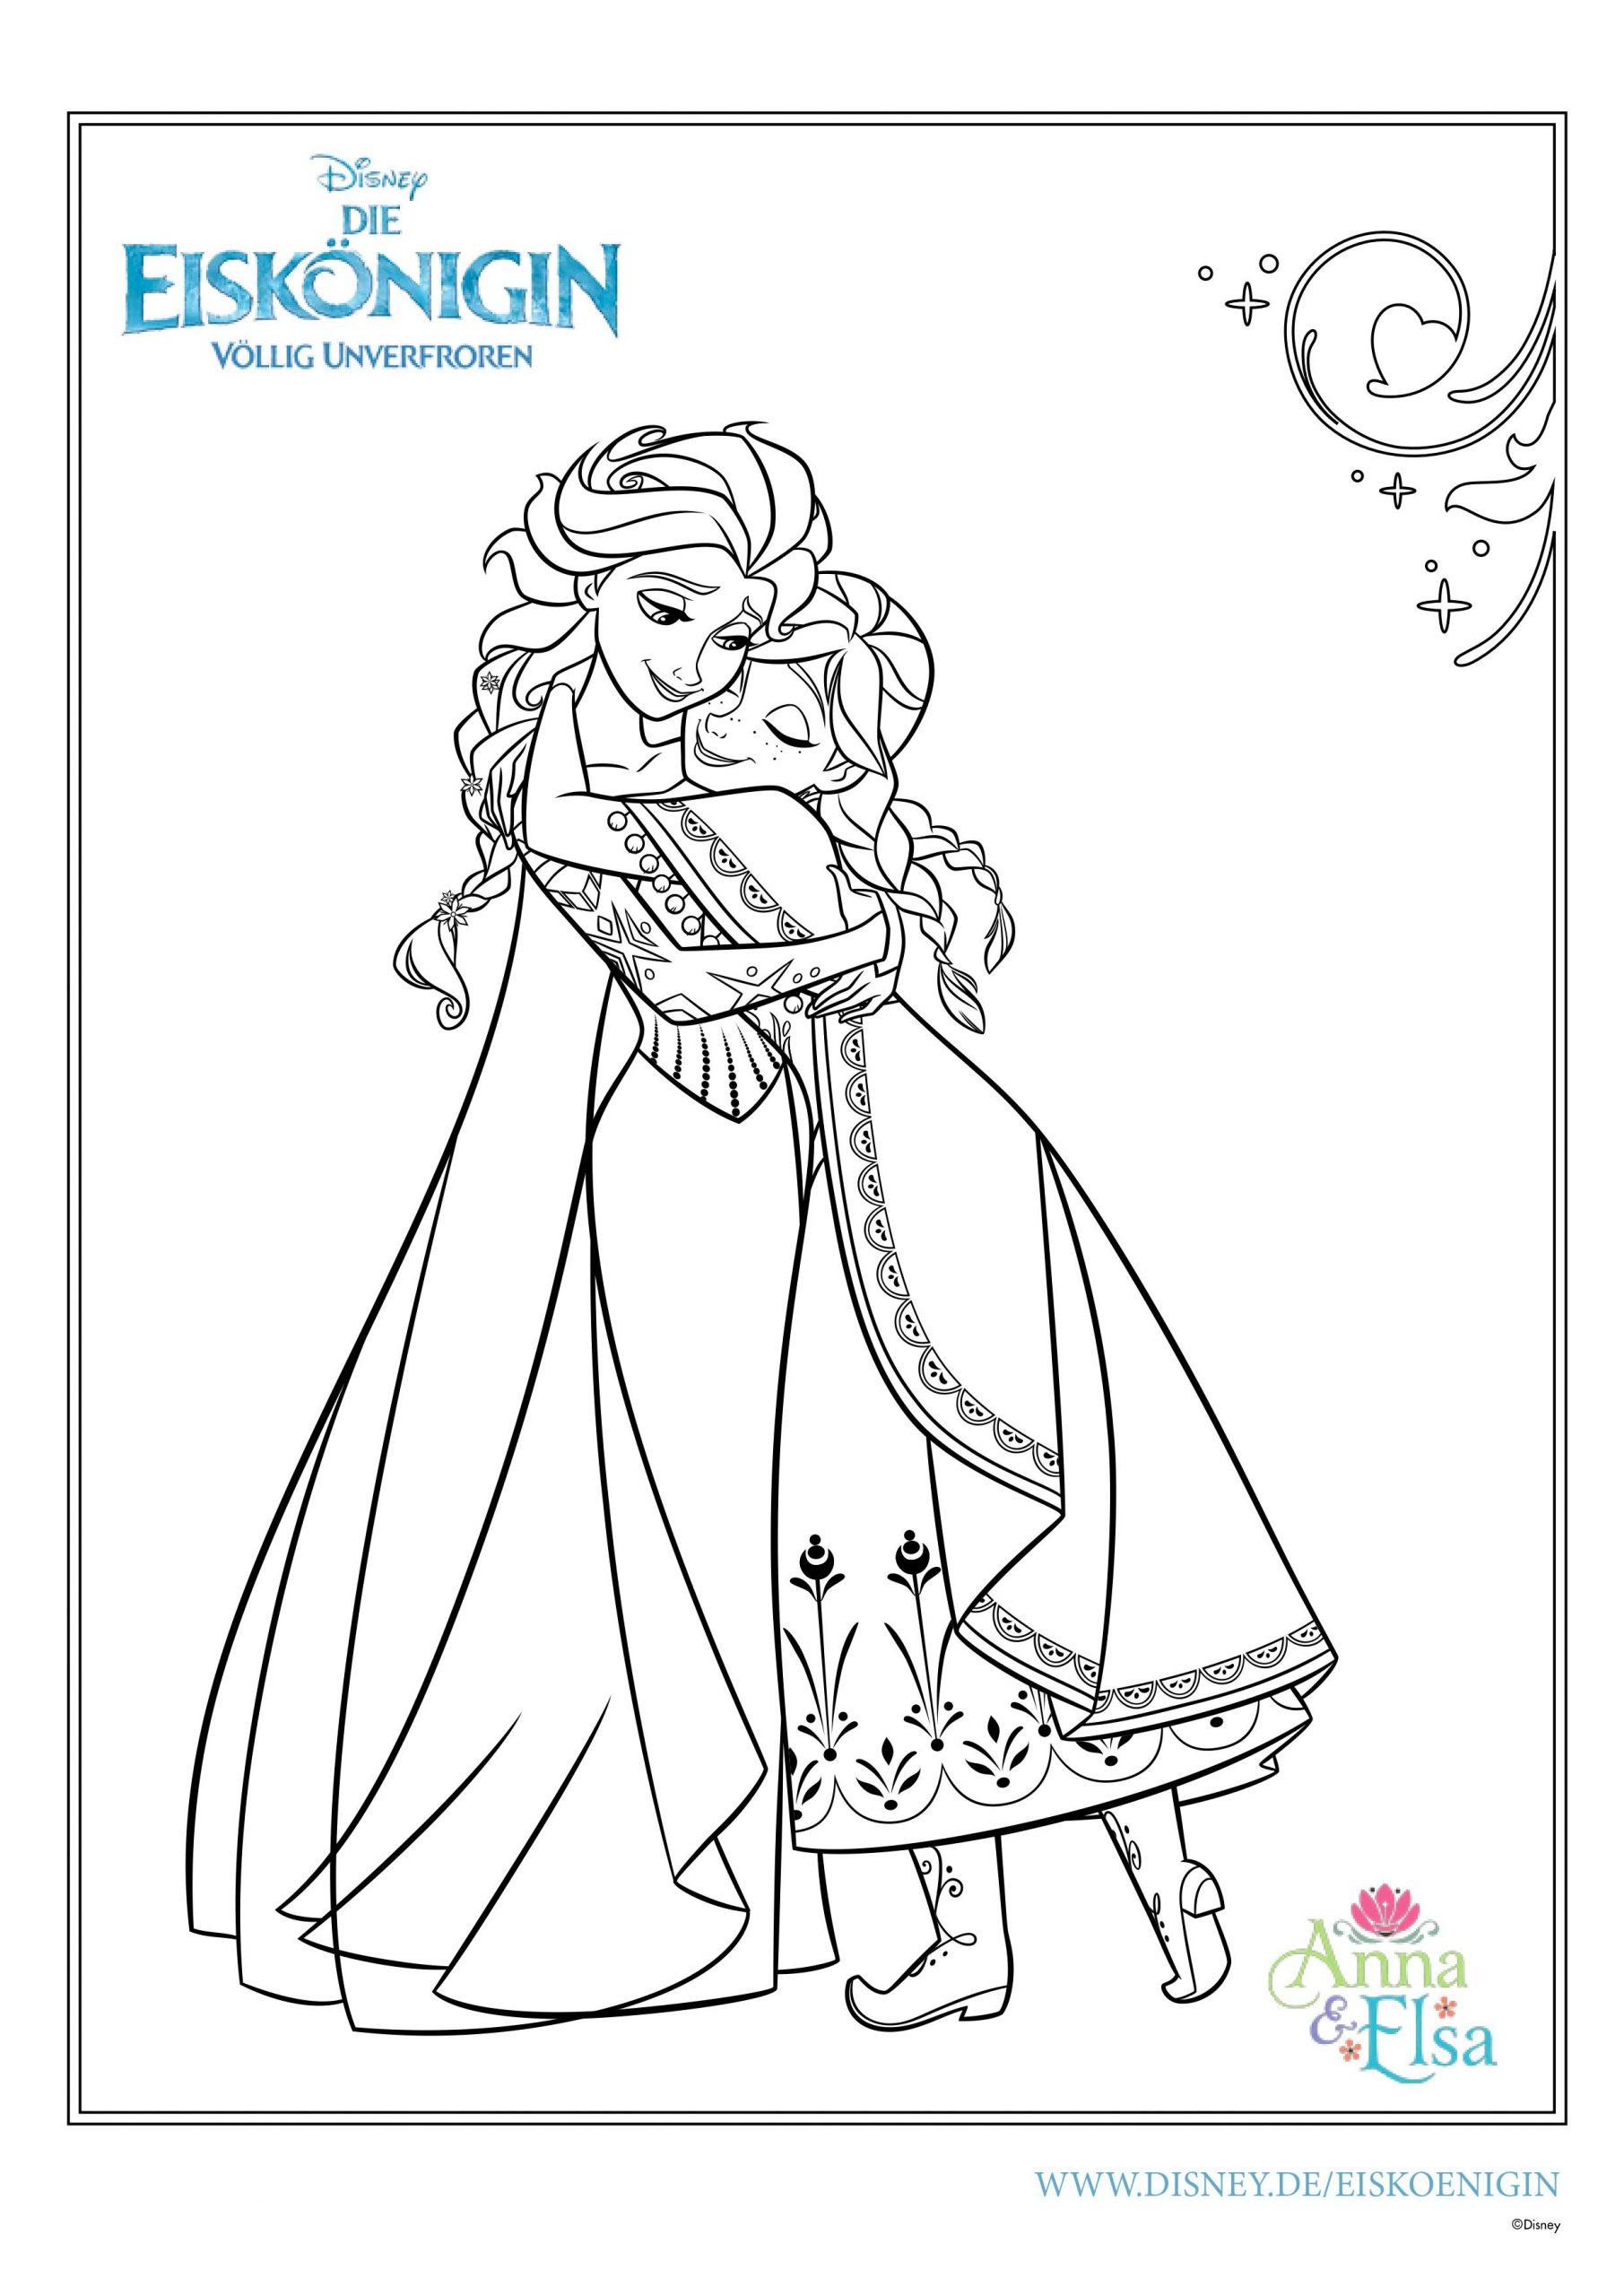 Ausmalbilder Eiskönigin | Mytoys-Blog über Anna Und Elsa Ausmalbilder Zum Ausdrucken